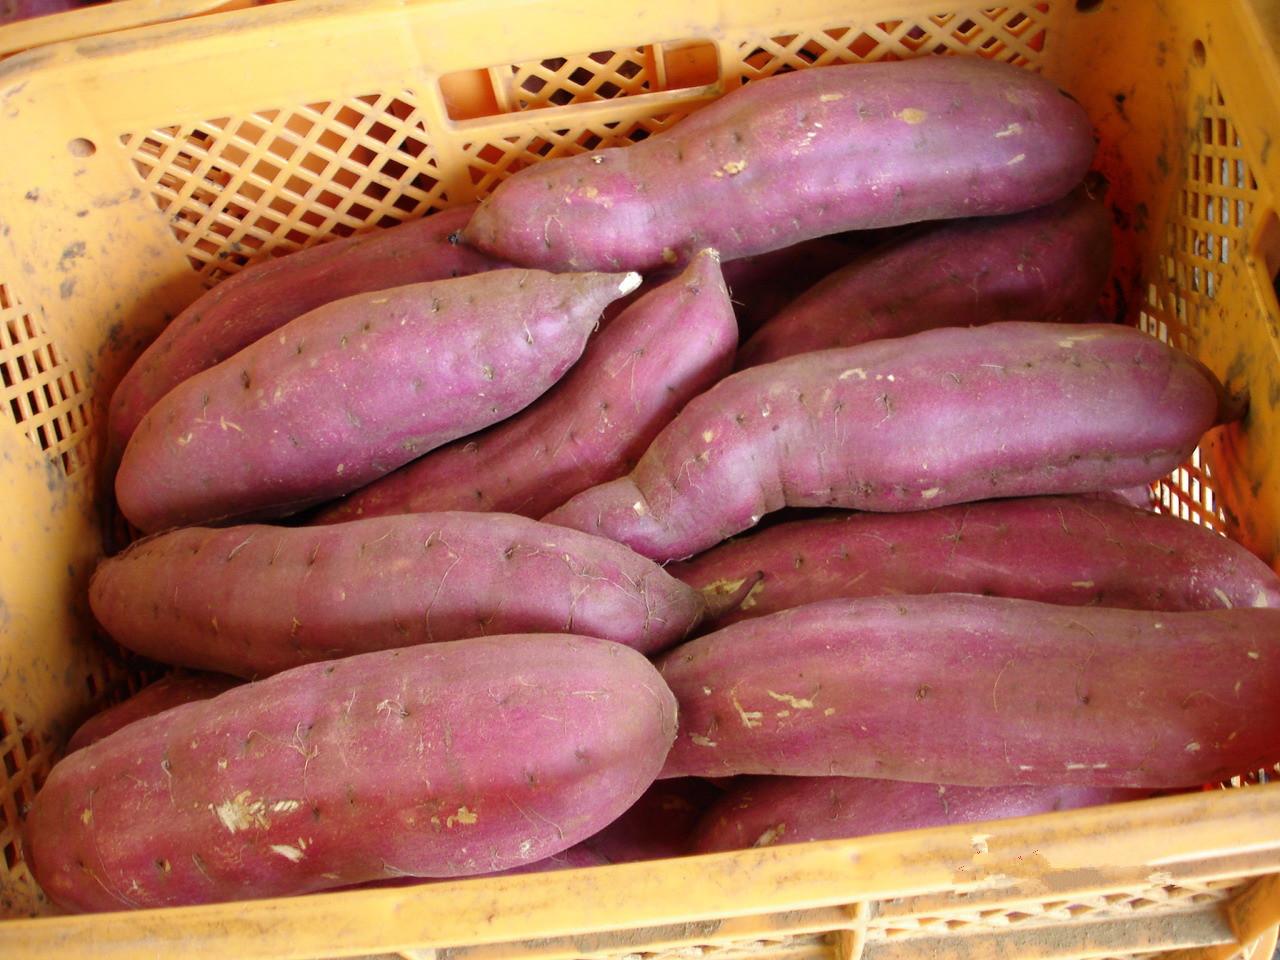 红薯 来福红薯批发供应 红薯 来福红薯价格行情 红薯 来福红薯商家 中国惠农网